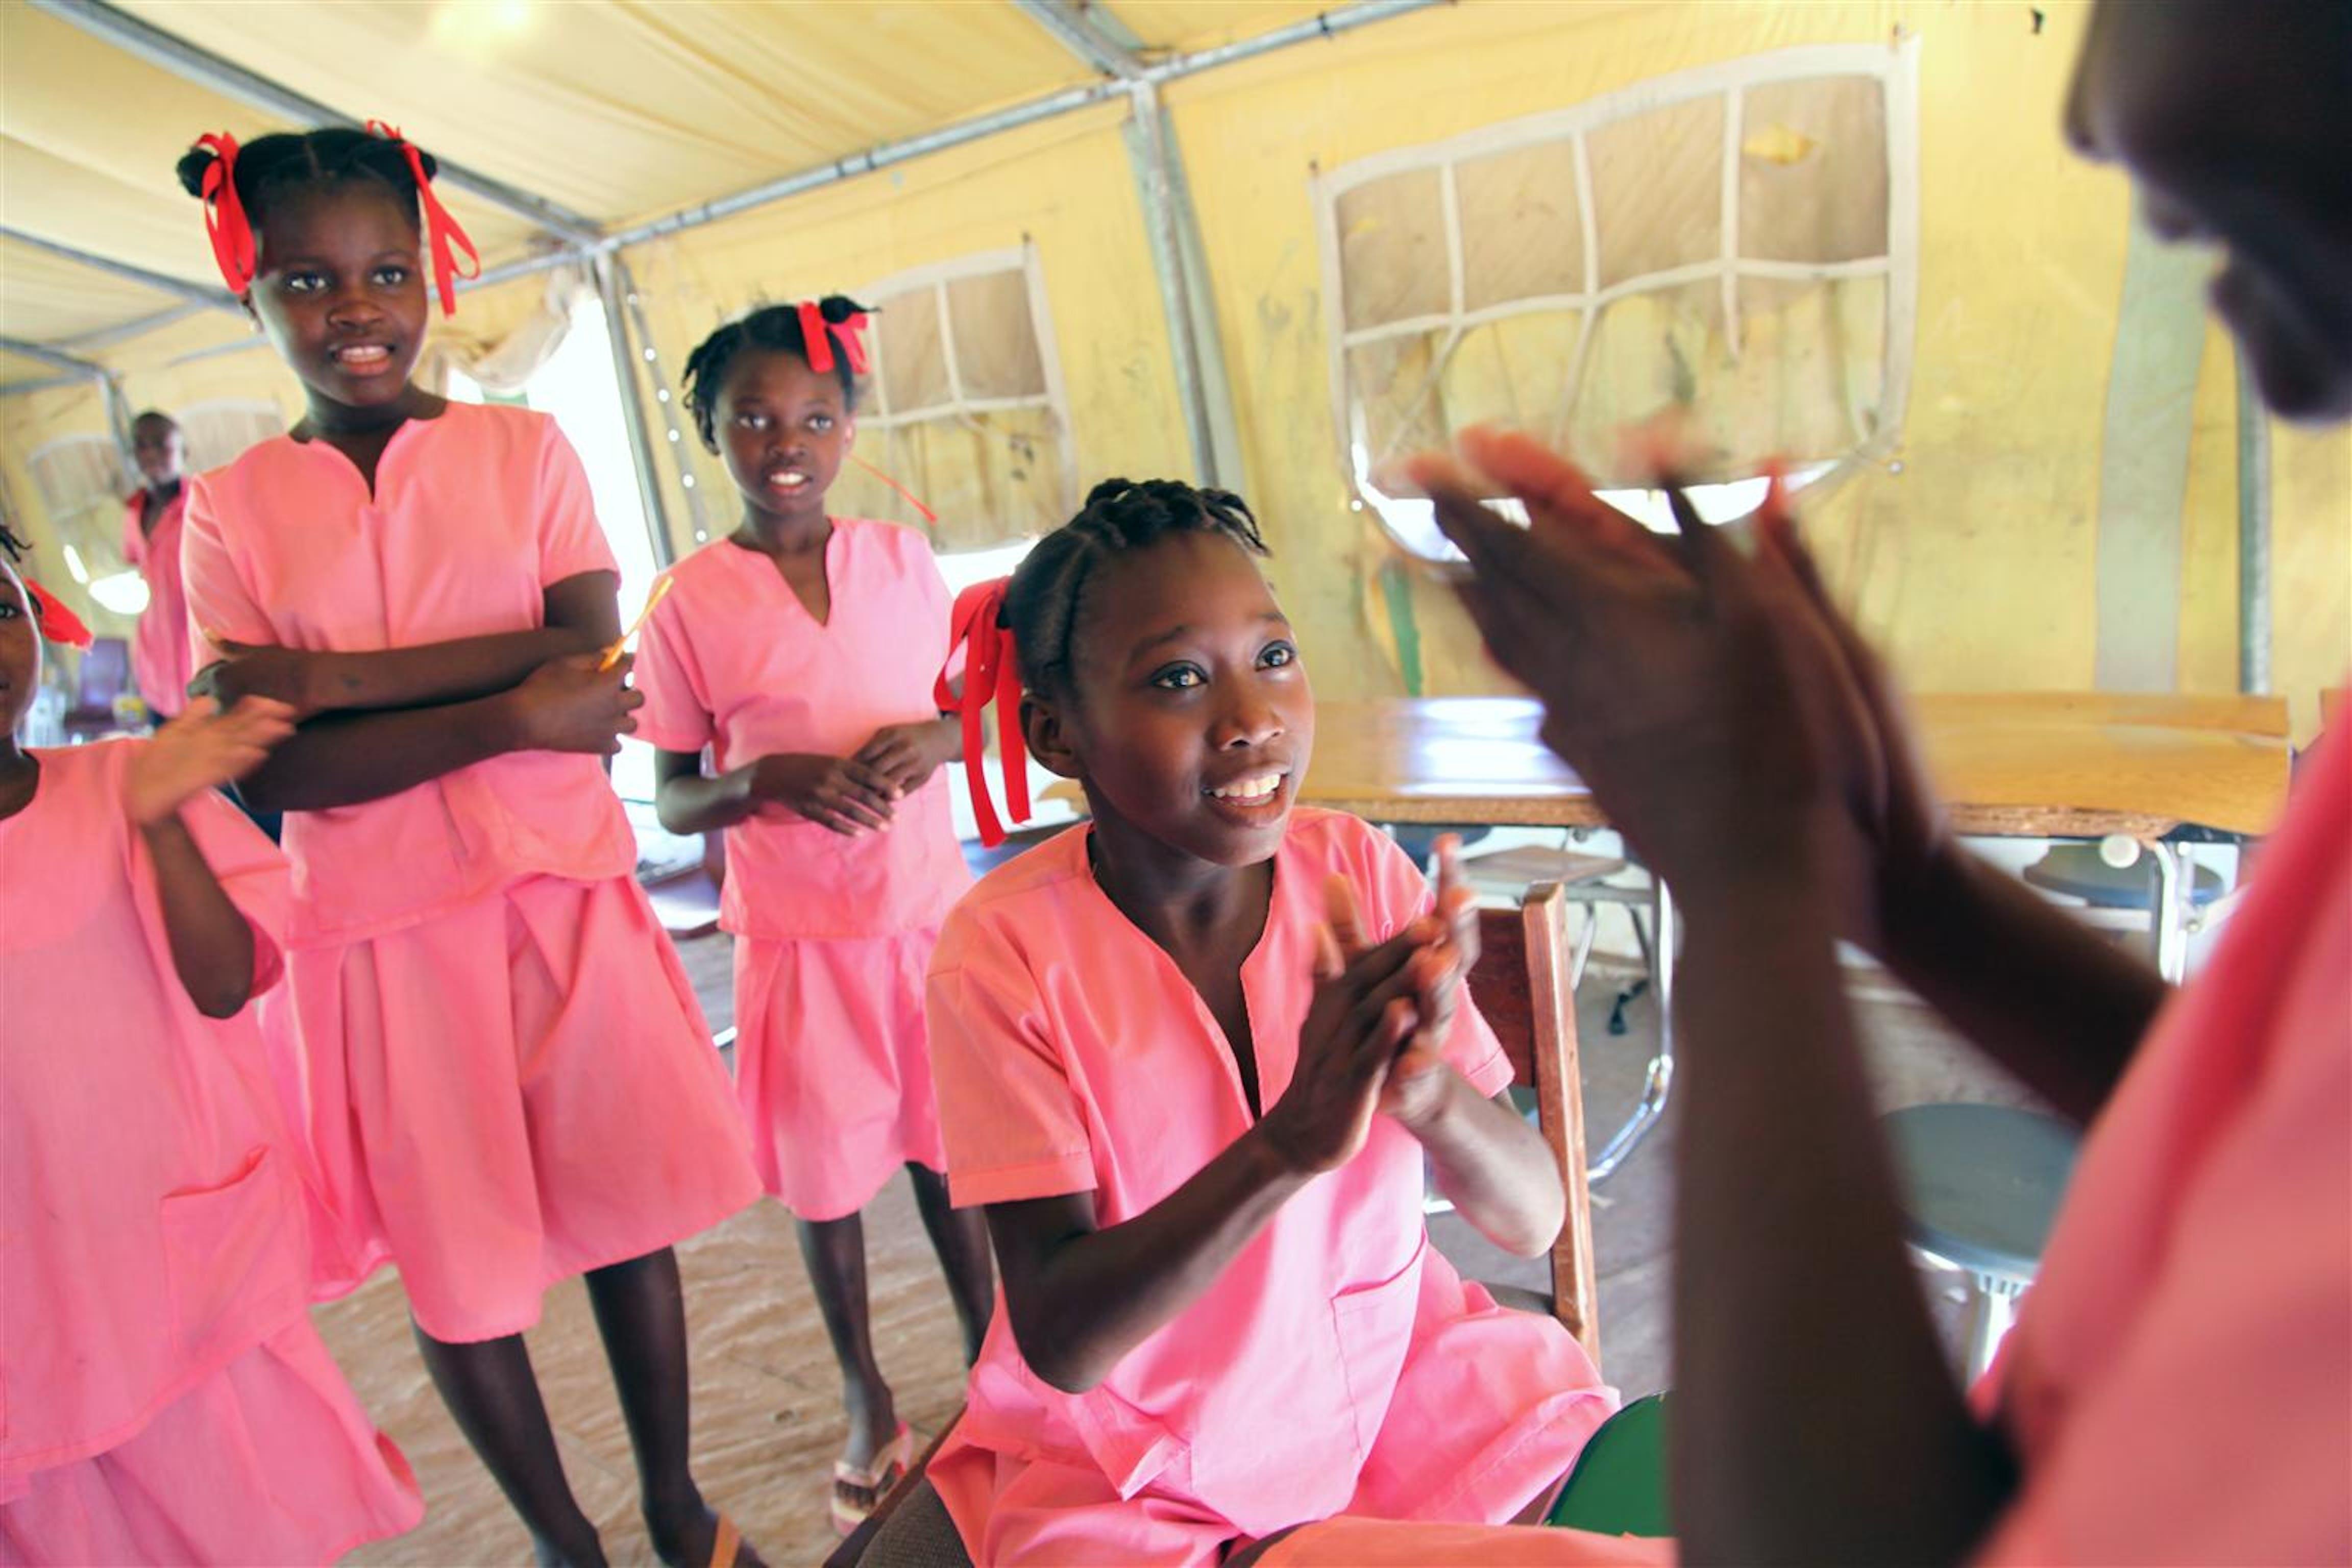 Alcune bambine ospiti di un centro di accoglienza per orfani e ex bambini lavoratori a Ganthier (Haiti). Il centro è gestito da una ONG locale con sostegno finanziario e logistico dell'UNICEF - ©UNICEF NYHQ2010-2626/R. LeMoyne